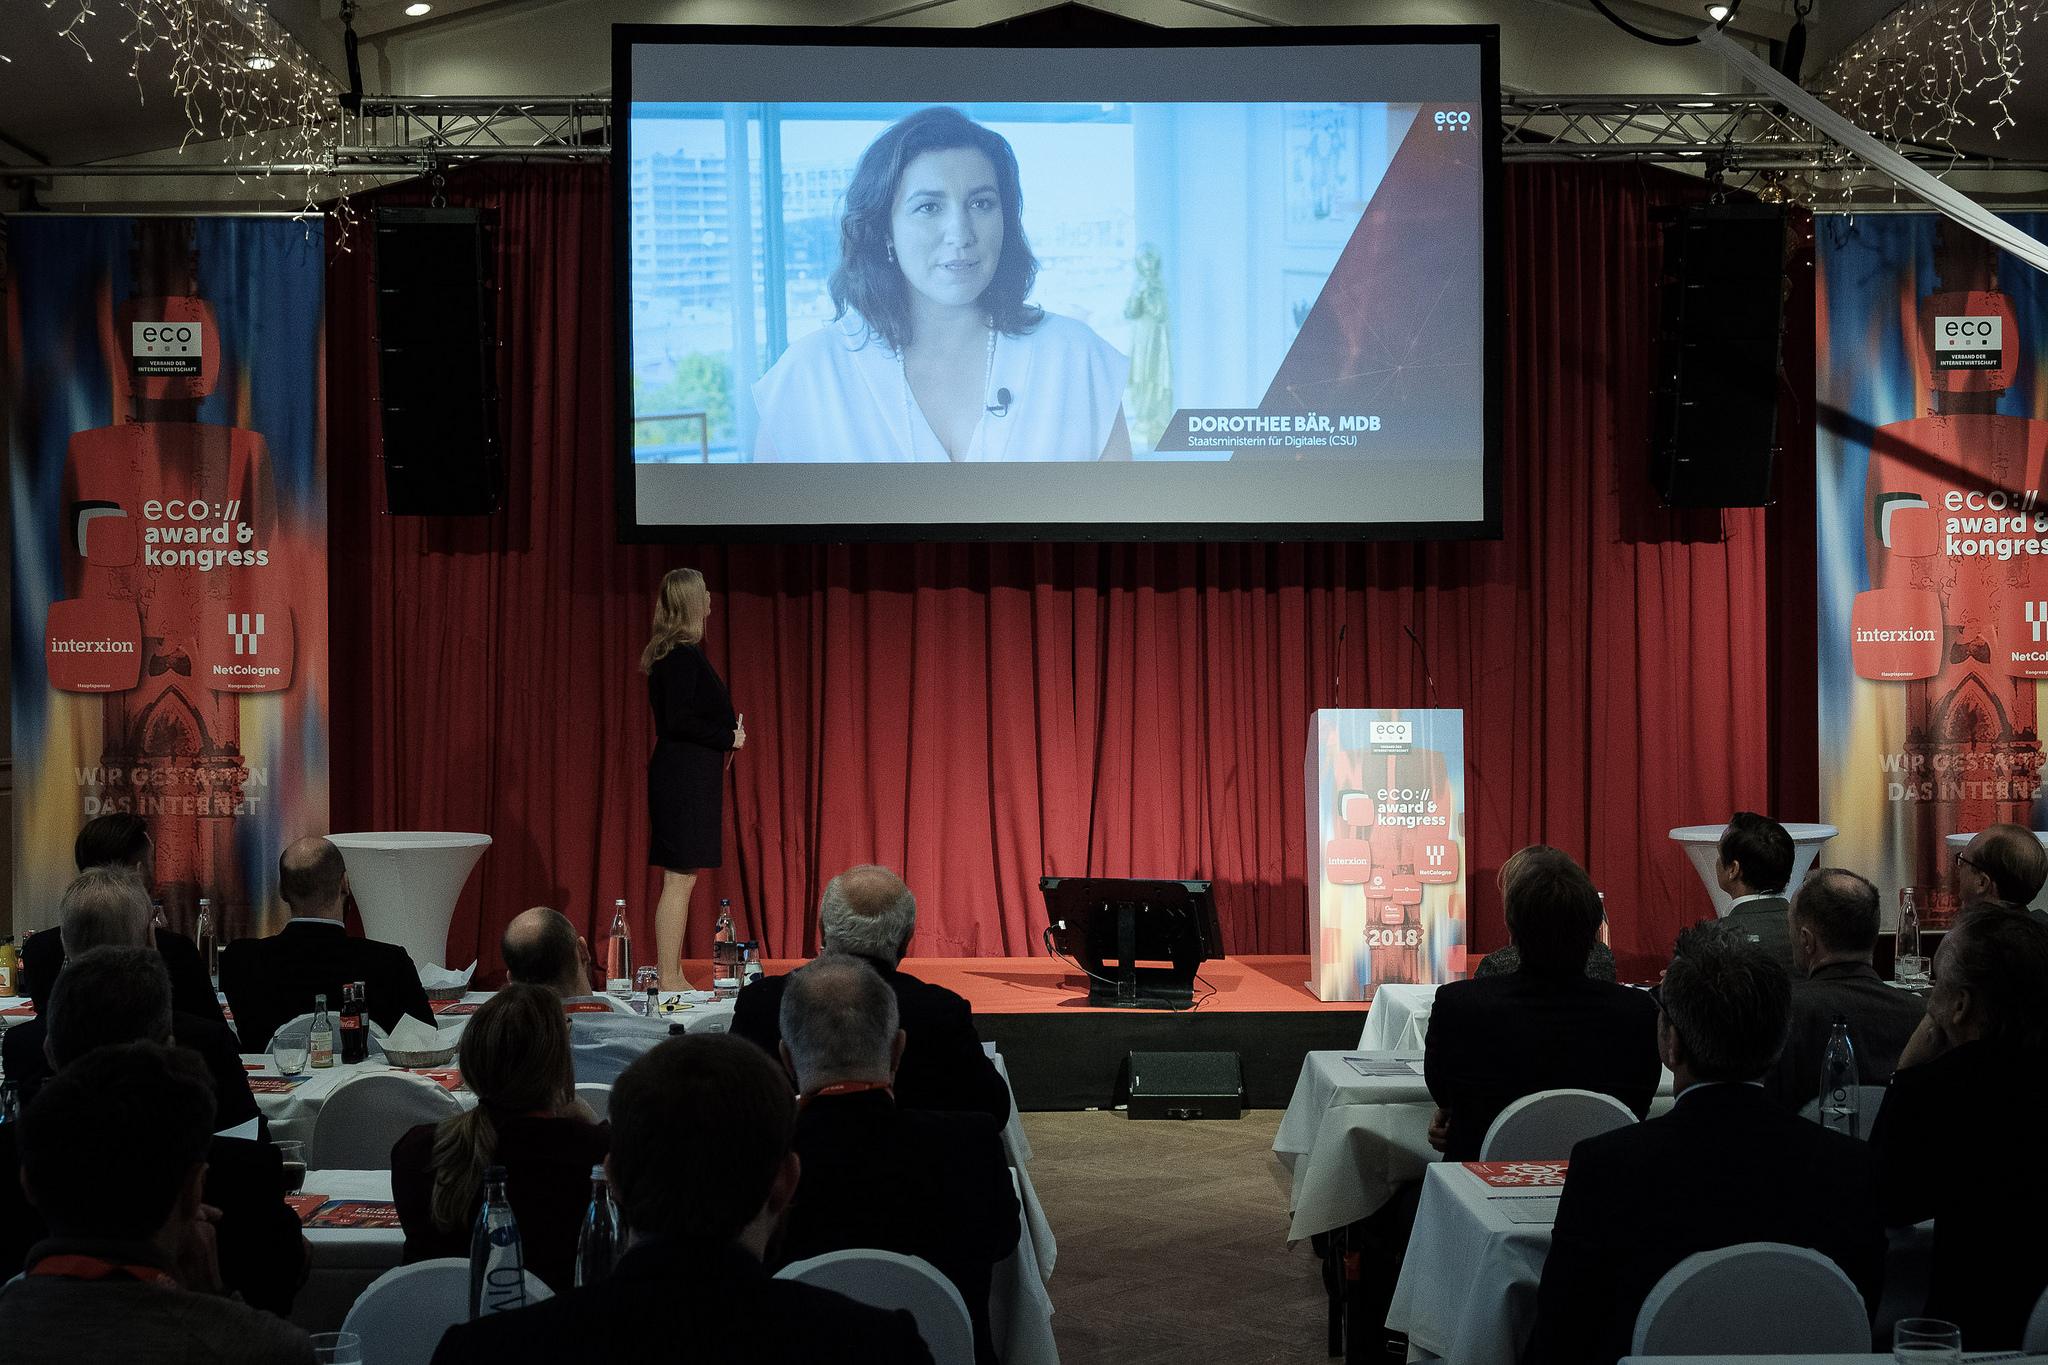 eco://kongress & eco:awards: Gemeinsam die digitale Zukunft gestalten 3